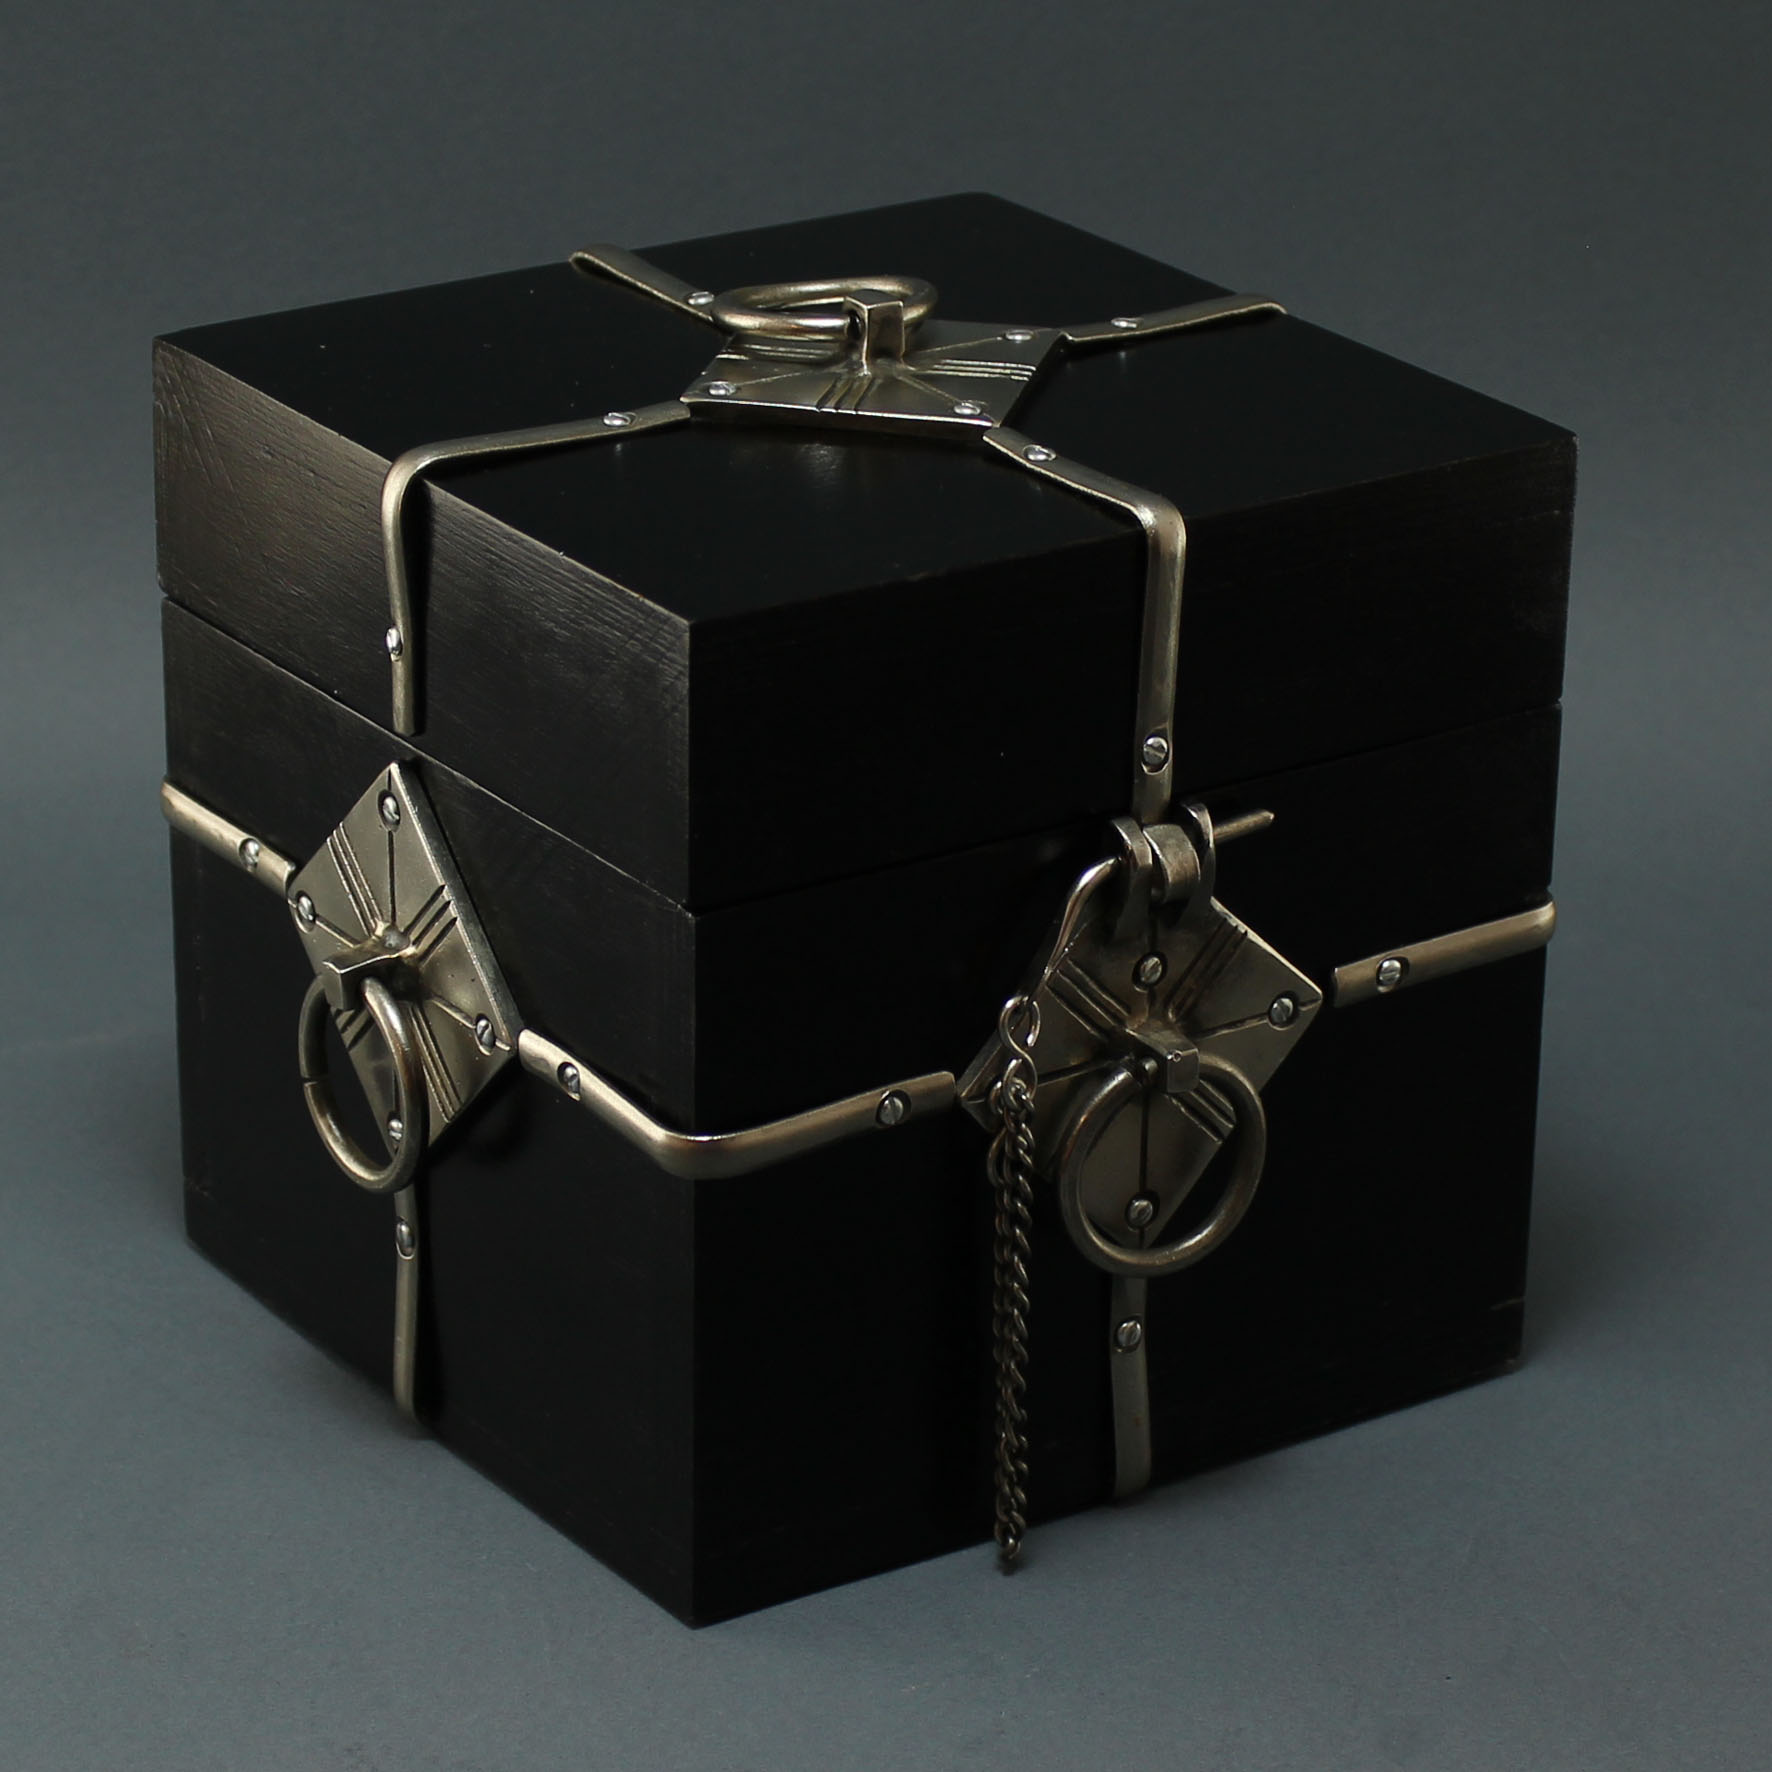 Circle Box 15 * 15